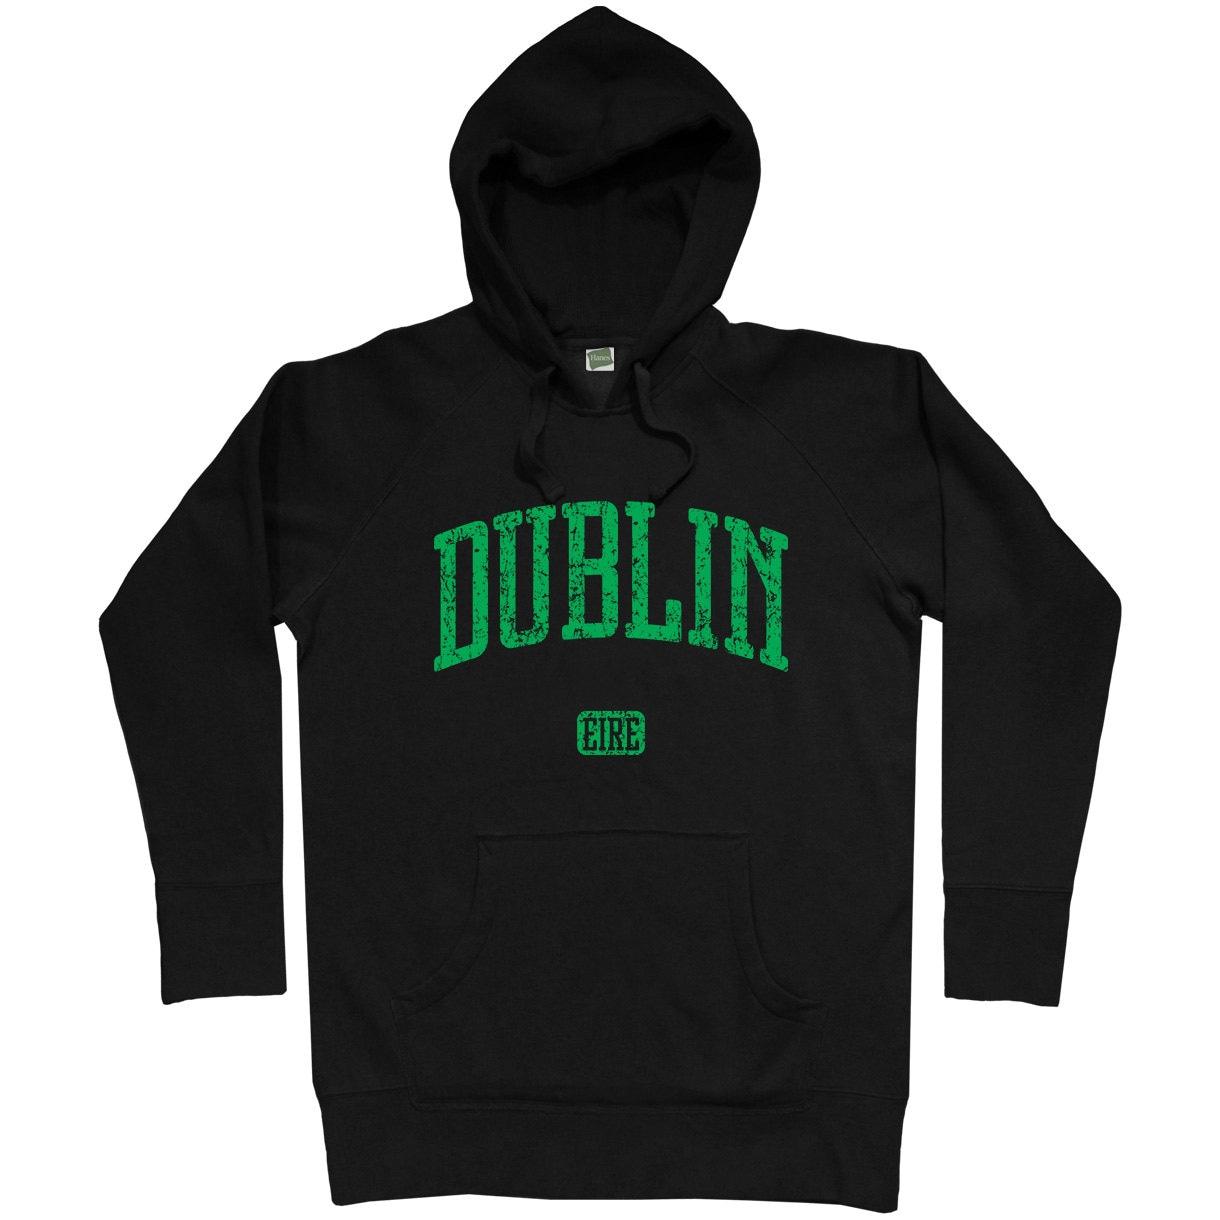 XL uomo x 3 S M cappuccio Irlanda 2 felpa Dublino con L x Ixqw6B68gp